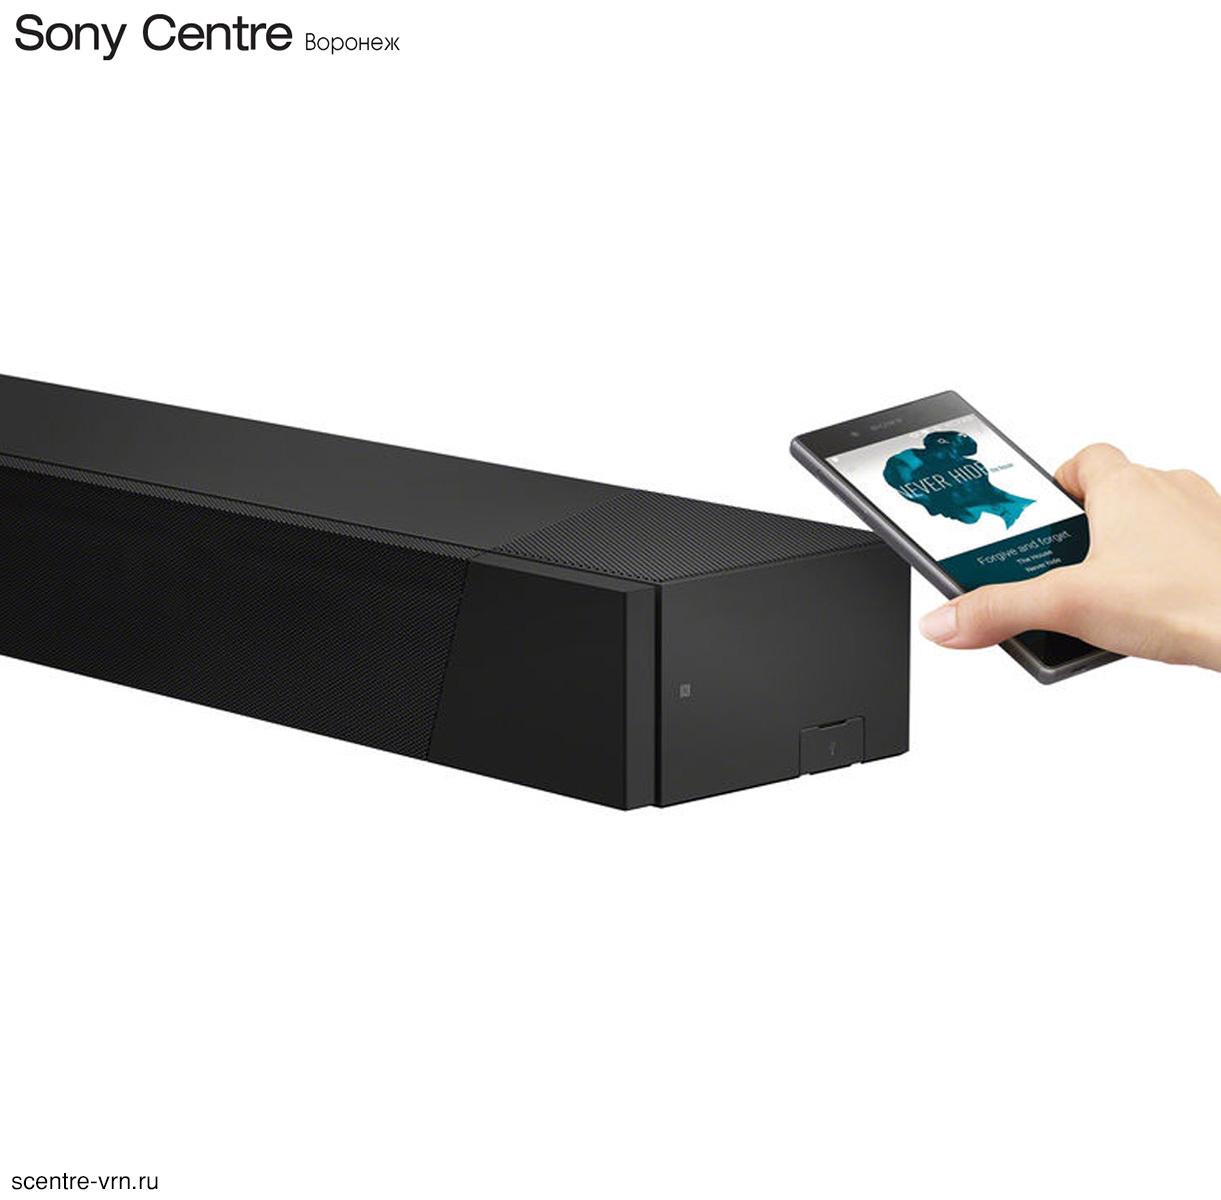 Сопряжение саундбара Sony HT-ST5000 со смартфоном через NFC